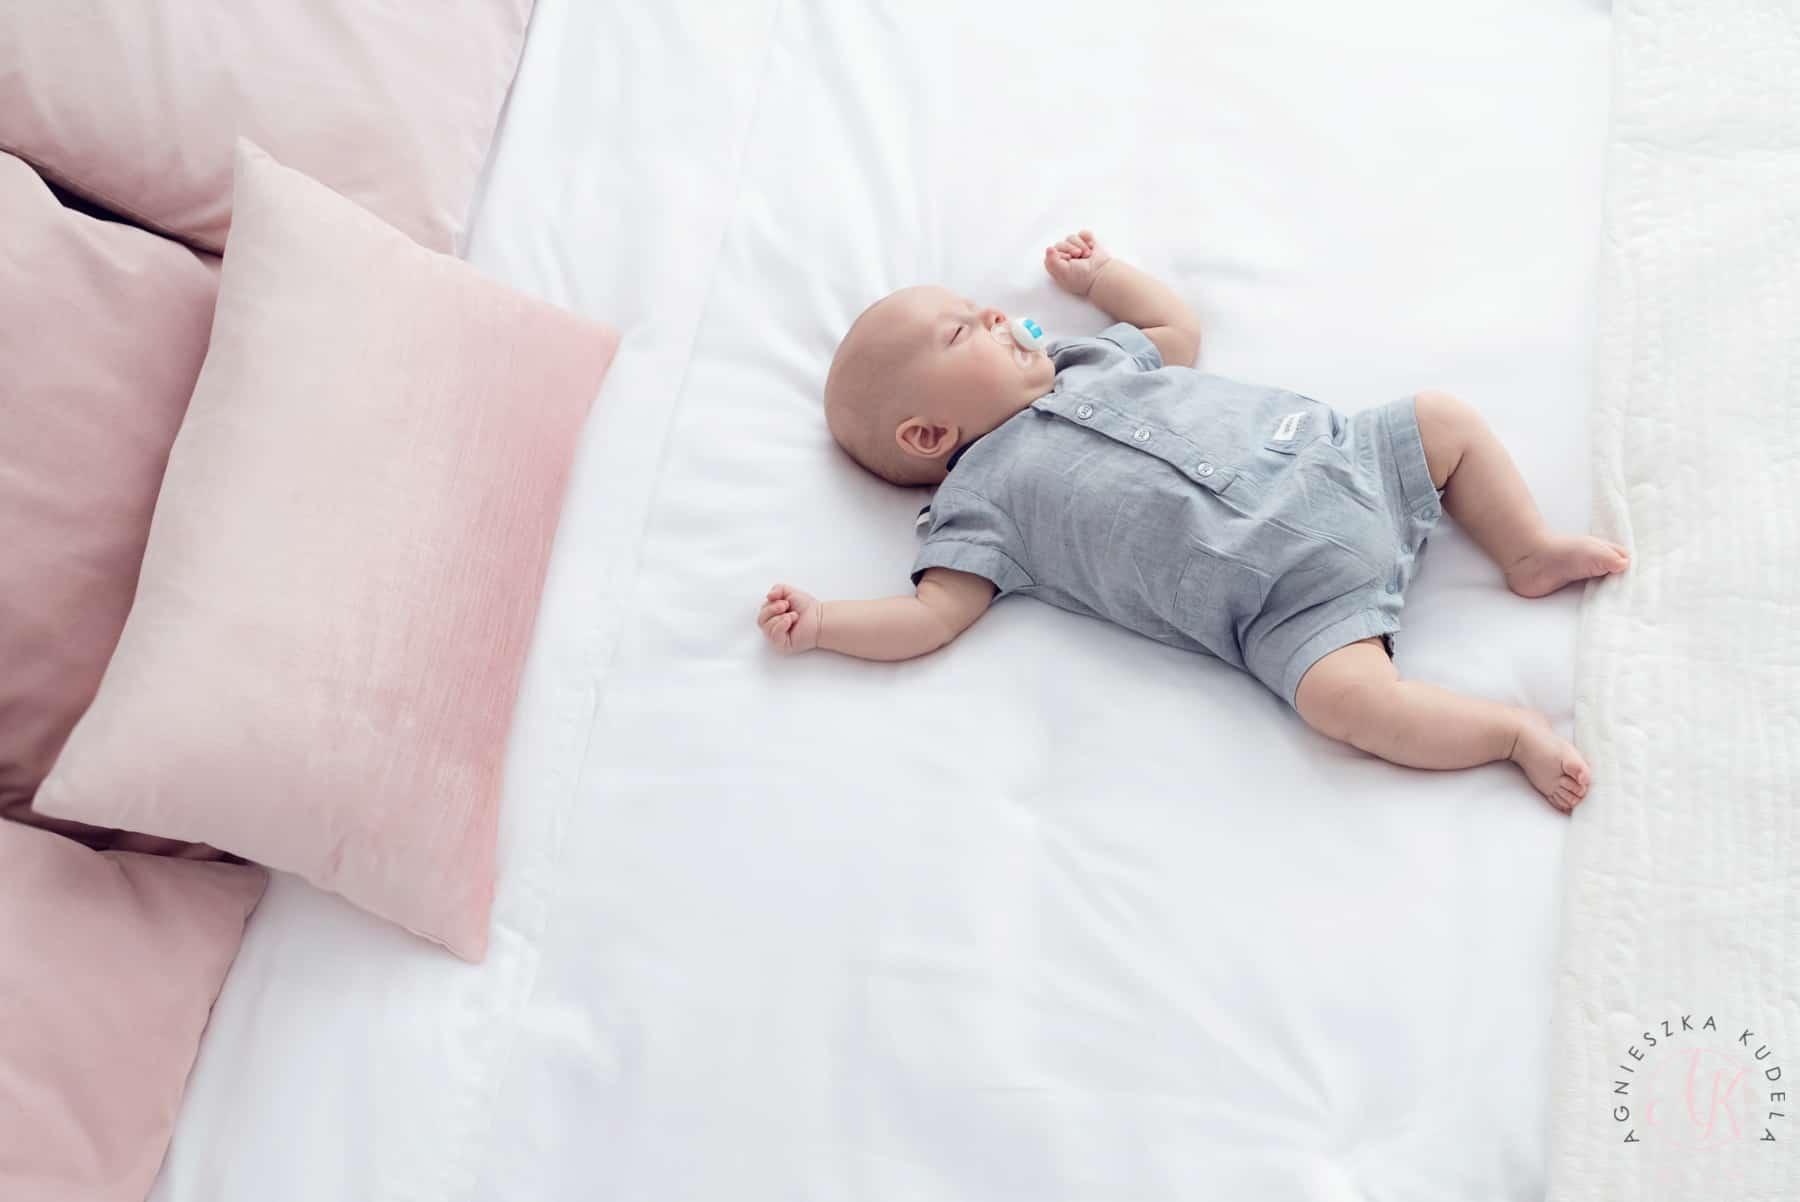 Niemowlę, biała pościel, różowe poduszki